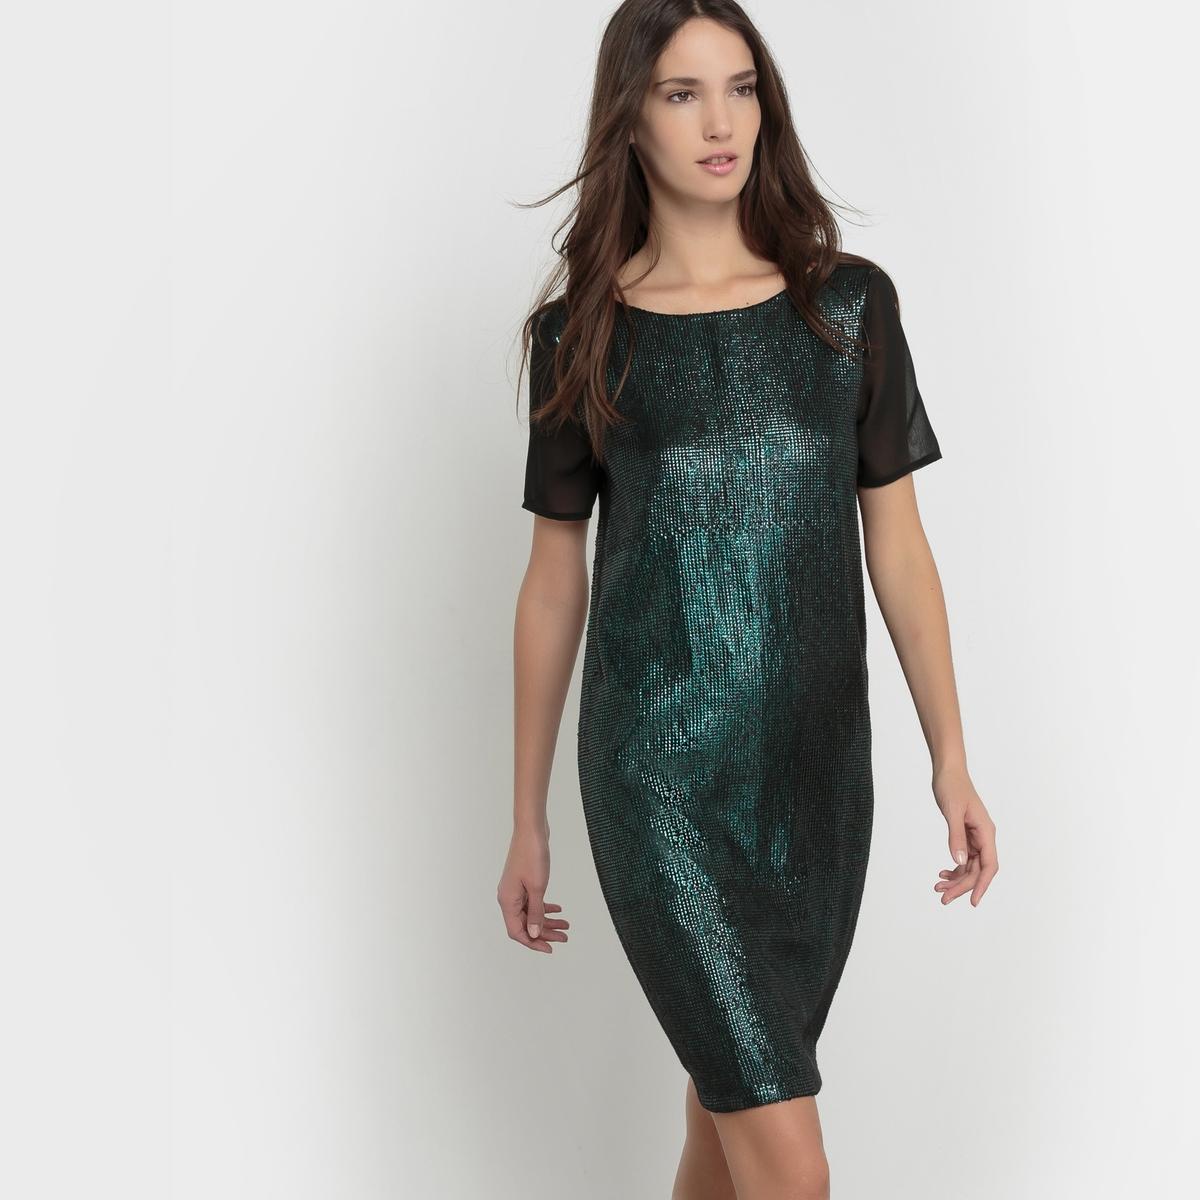 Платье с блестками, вырез сзадиПлатье с блестками. Прямой покрой. Закругленный вырез спереди и сзади. Короткие рукава из вуали. Основная часть с яркими блестками. Состав и описаниеМатериал : 100% полиэстерПодкладка : 100% полиэстерДлина : 92 смМарка : Mademoiselle RУходРучная стирка с изнаночной стороныГладить при очень низкой температуреНе гладить декоративные элементыСушить на горизонтальной поверхности в расправленном состоянии<br><br>Цвет: темно-зеленый<br>Размер: 38 (FR) - 44 (RUS)